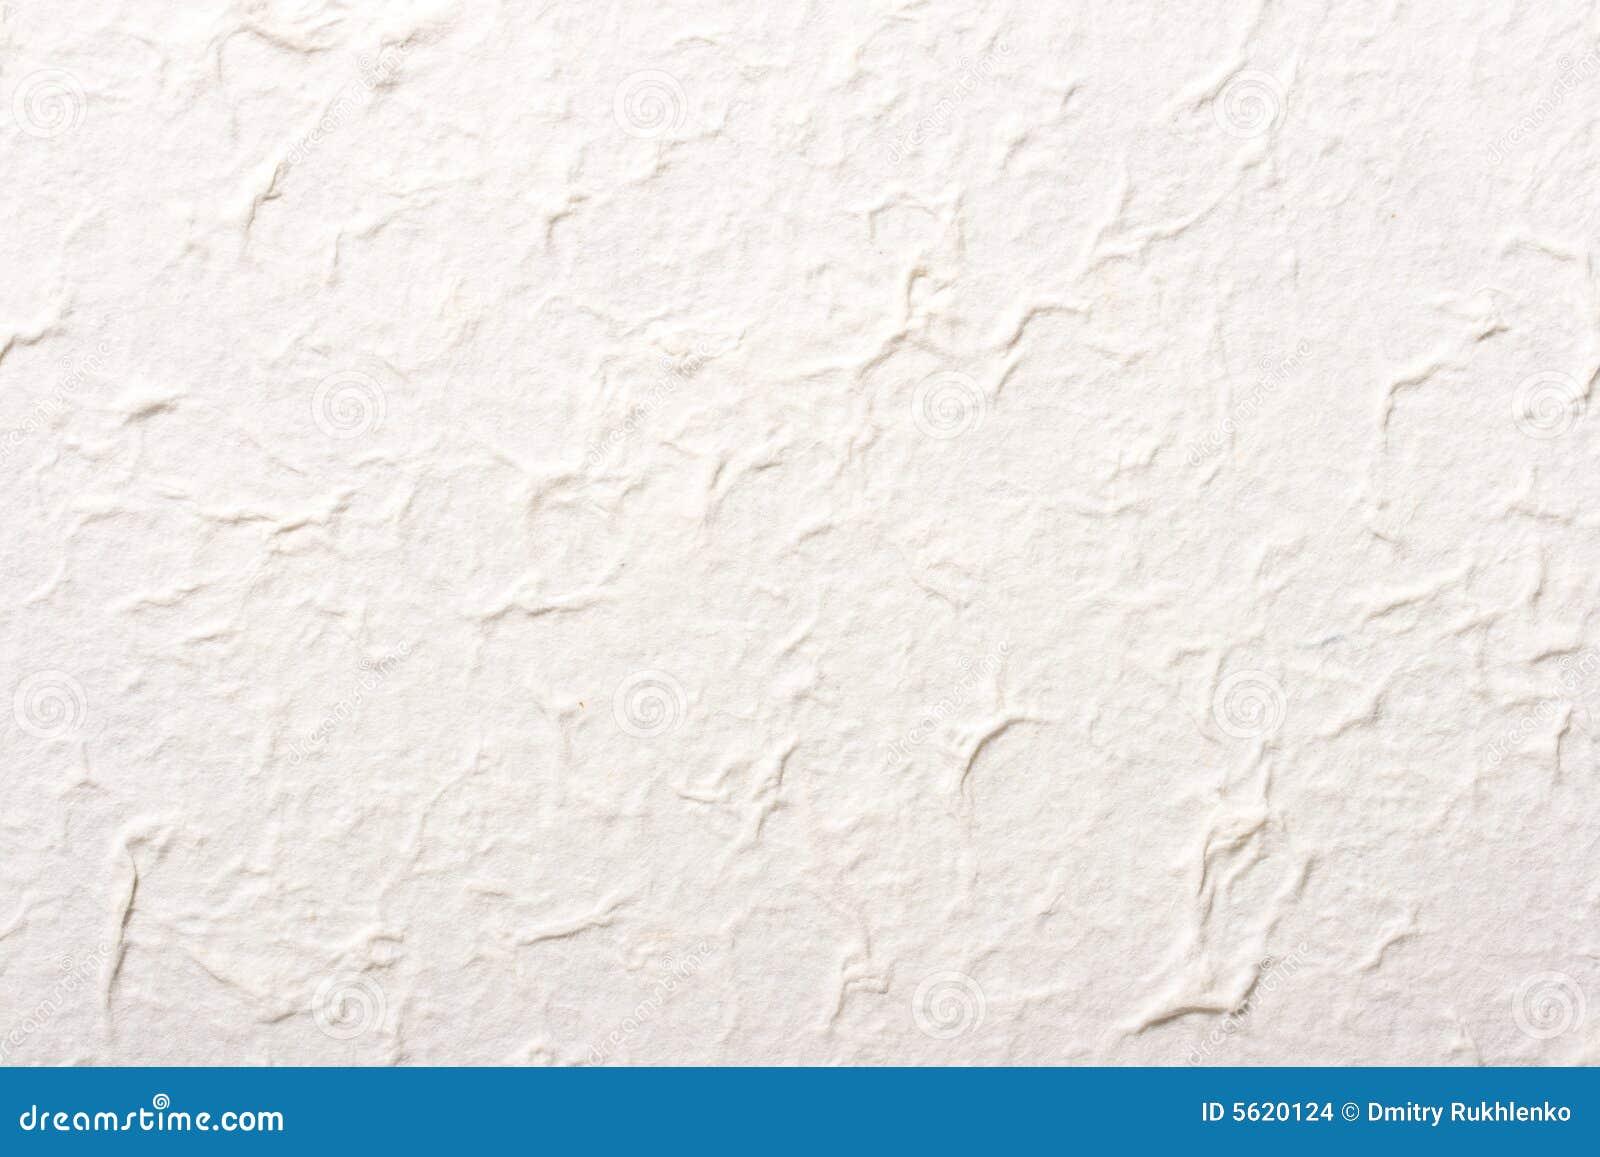 texture fabriqu e la main de papier de riz images stock. Black Bedroom Furniture Sets. Home Design Ideas